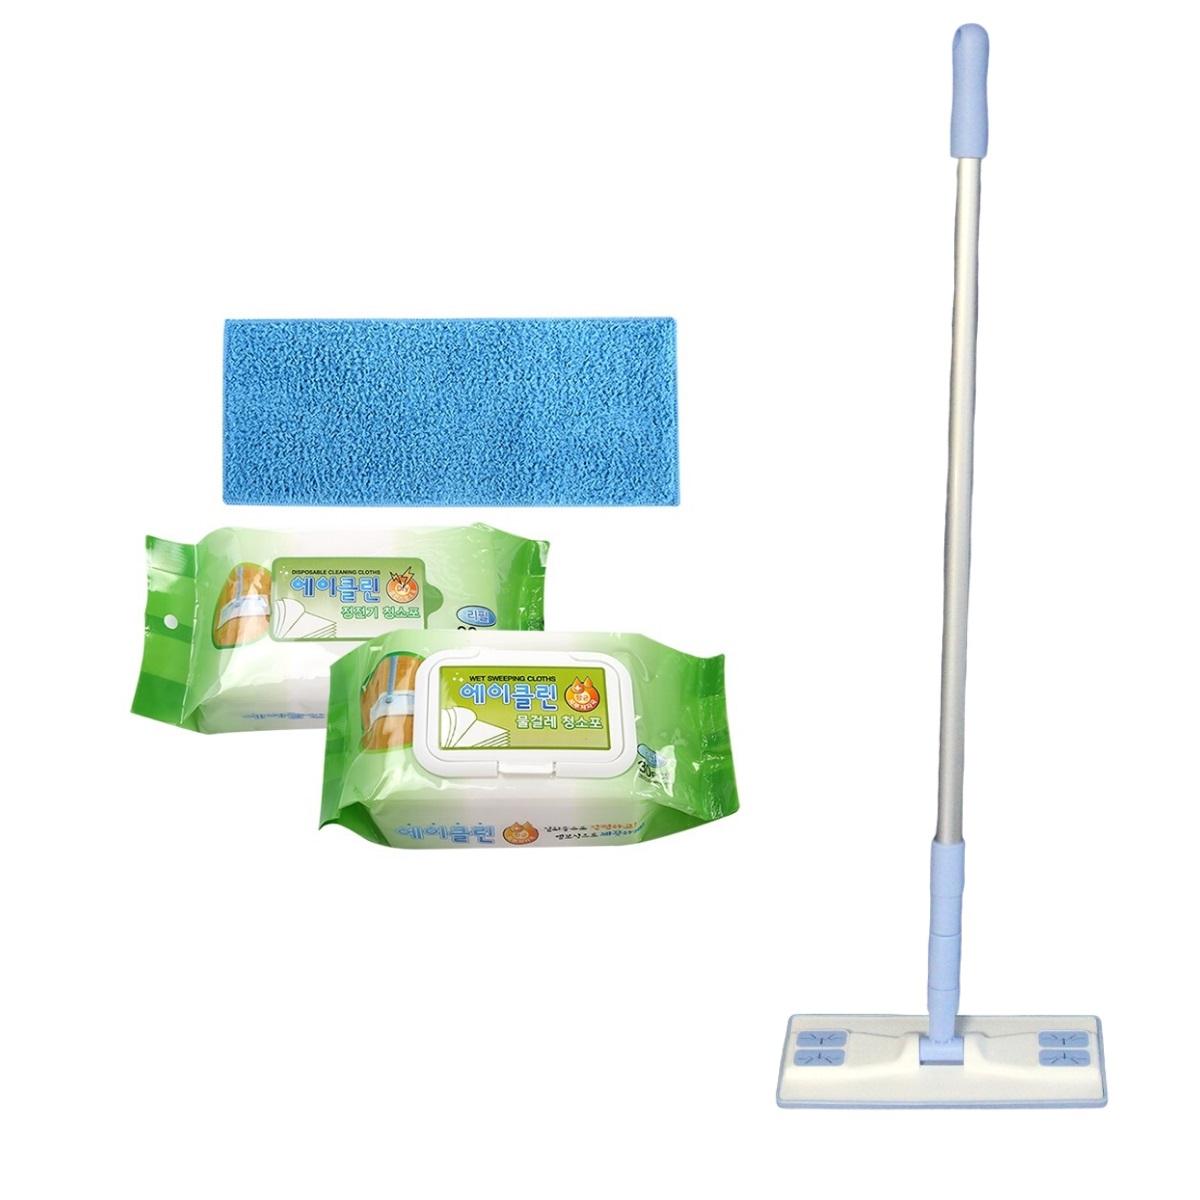 에이클린 핸디 밀대 청소기 화이트 + 스카이 소형 25cm + 분섬사 패드 블루 + 물걸레 청소포 + 정전기 청소포 세트, 1세트